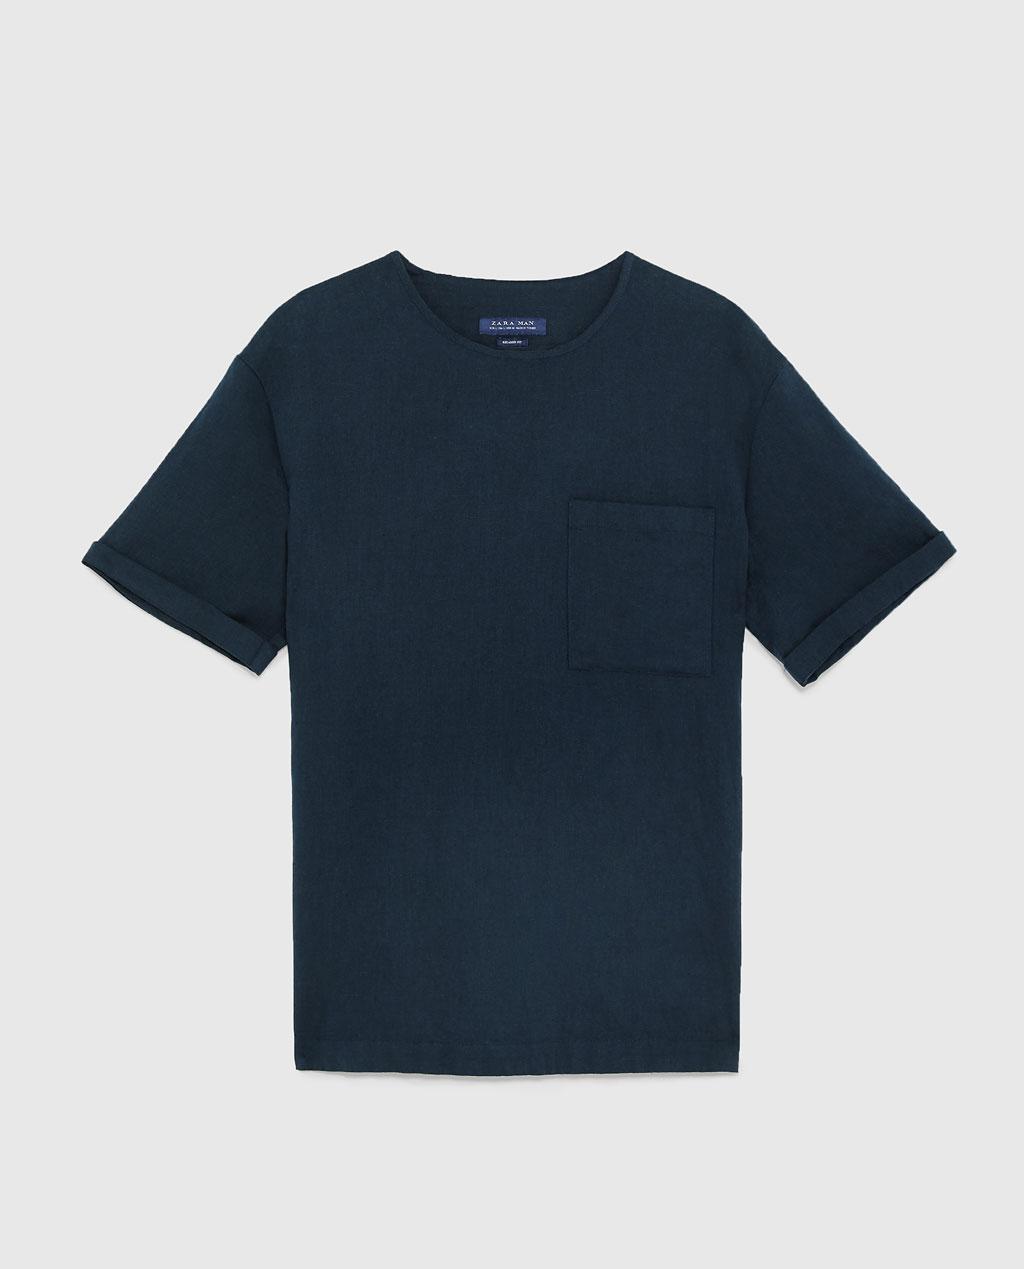 Thời trang nam ZARA T 07545451401  23870 - ảnh 8